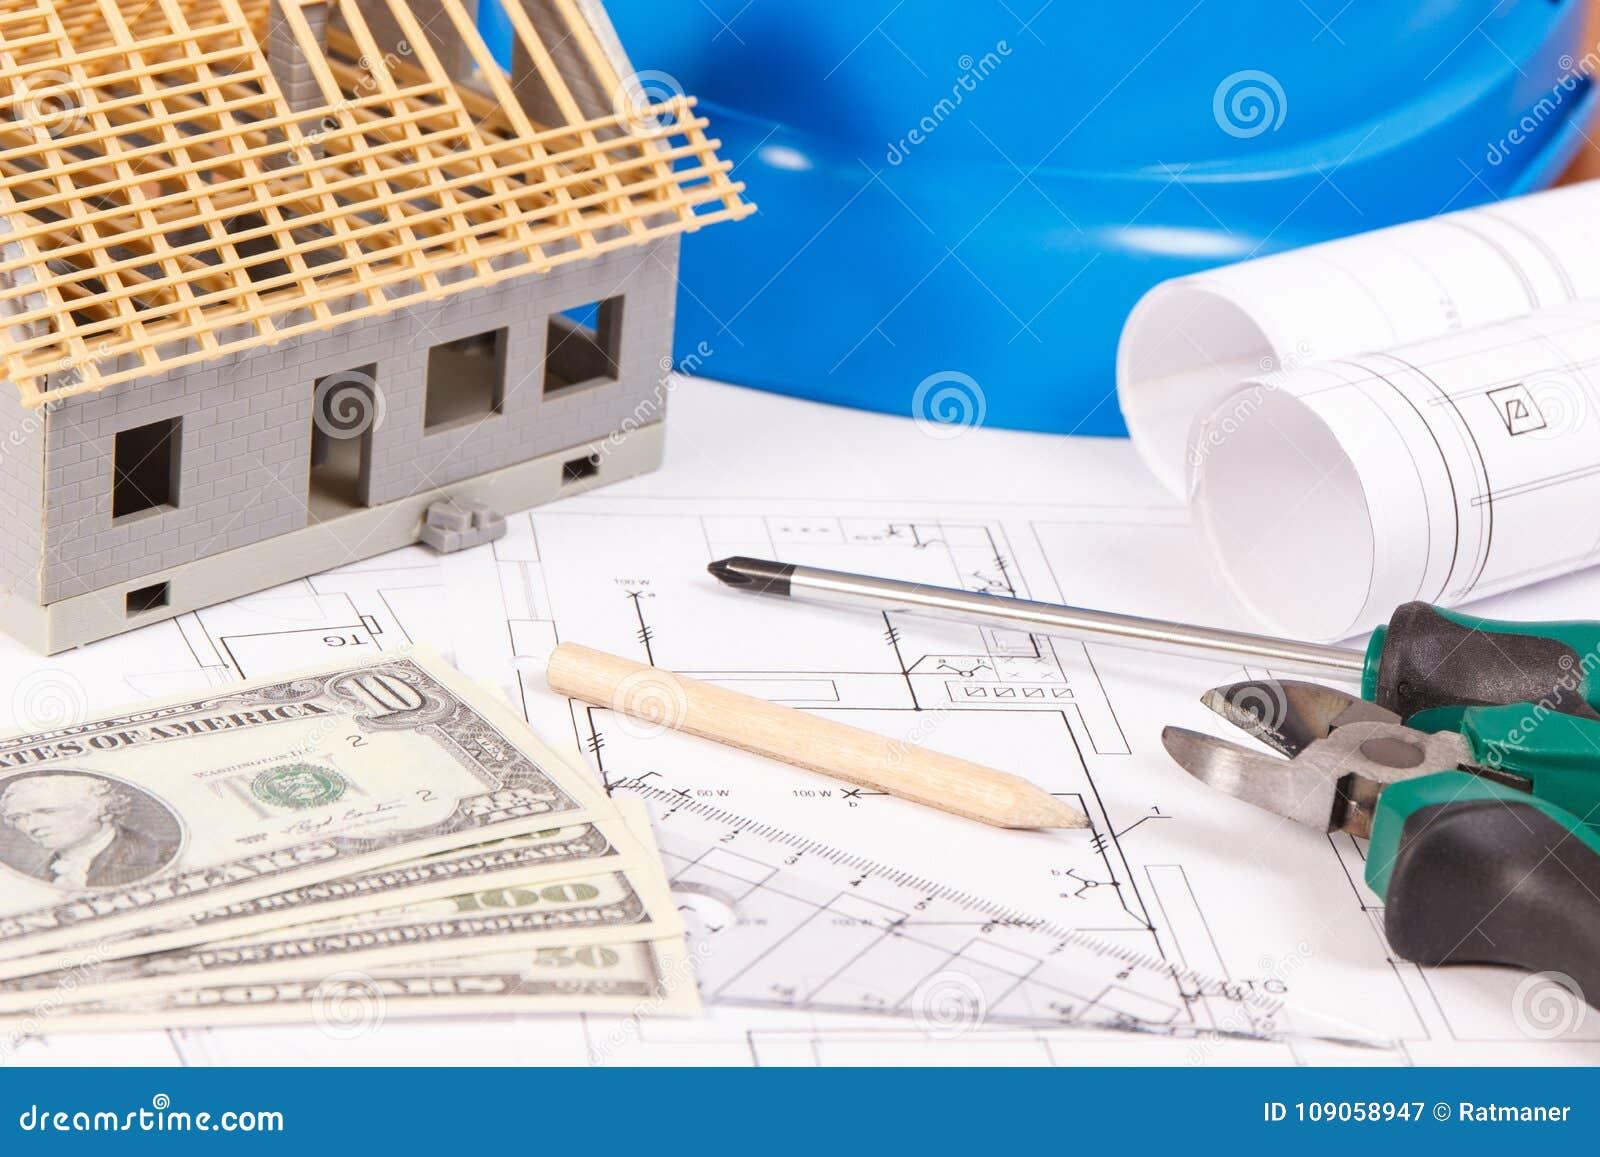 Elektrisk byggnadsritningar, arbetshjälpmedel och tillbehör, litet leksakhus och valutadollar som bygger hem kostat begrepp